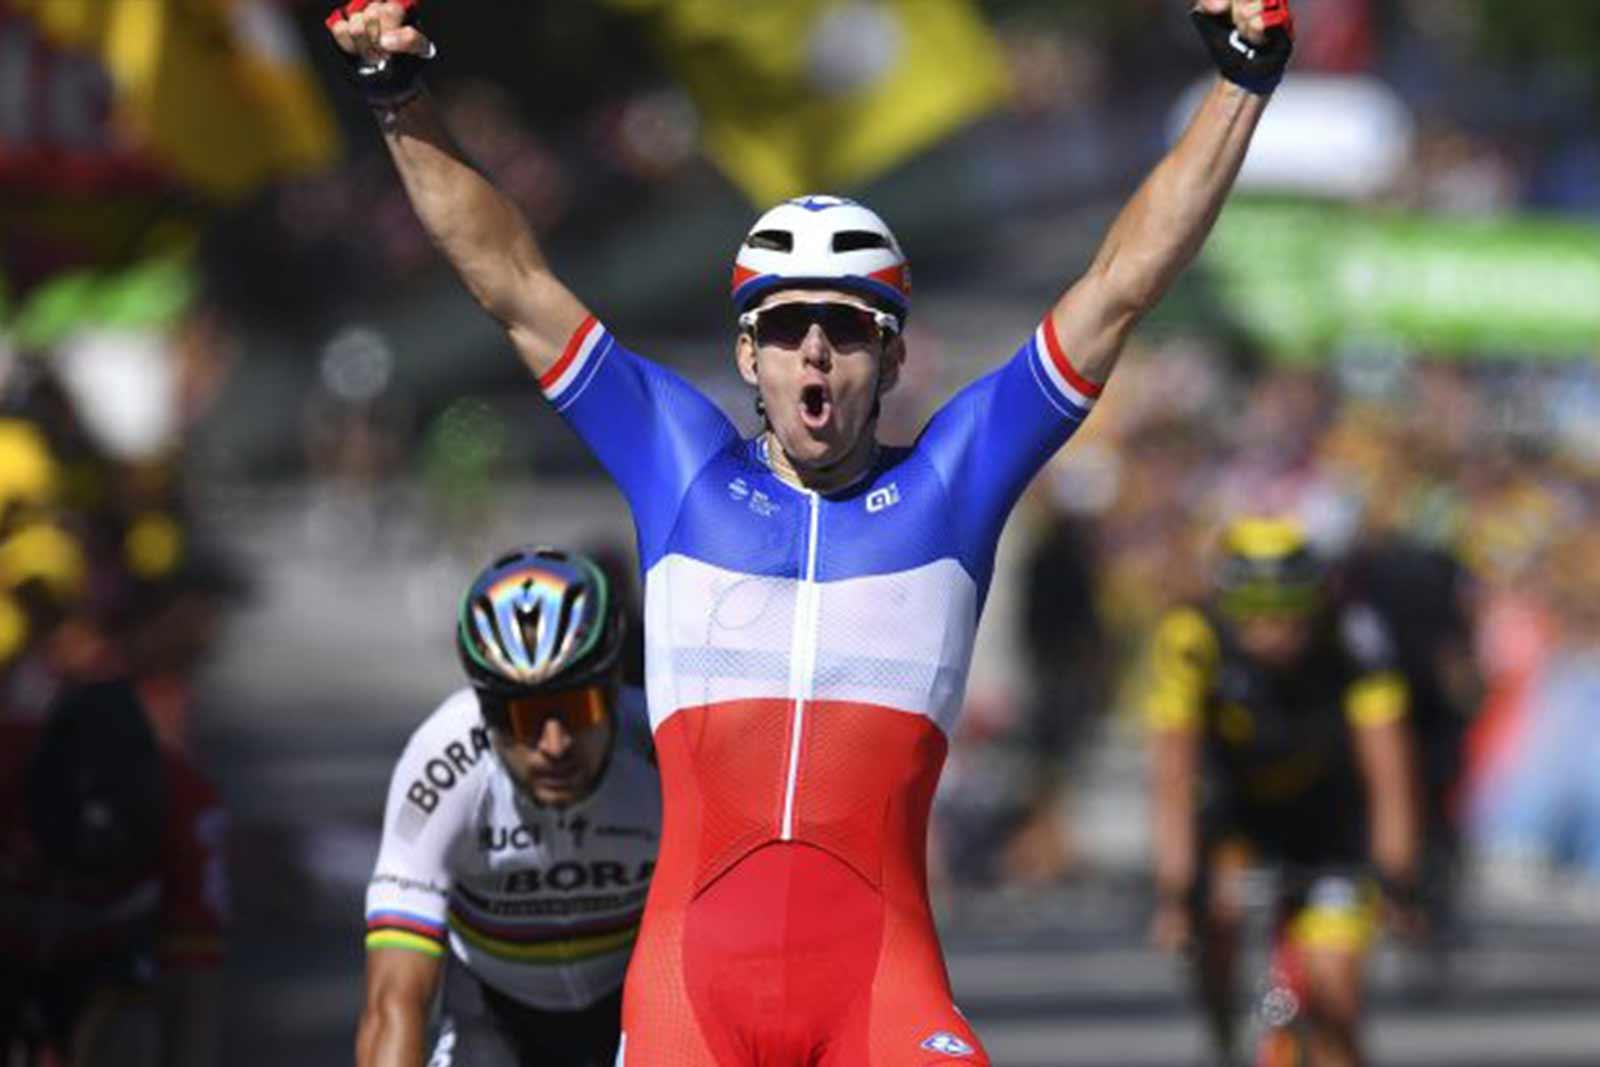 championnats de france cyclisme